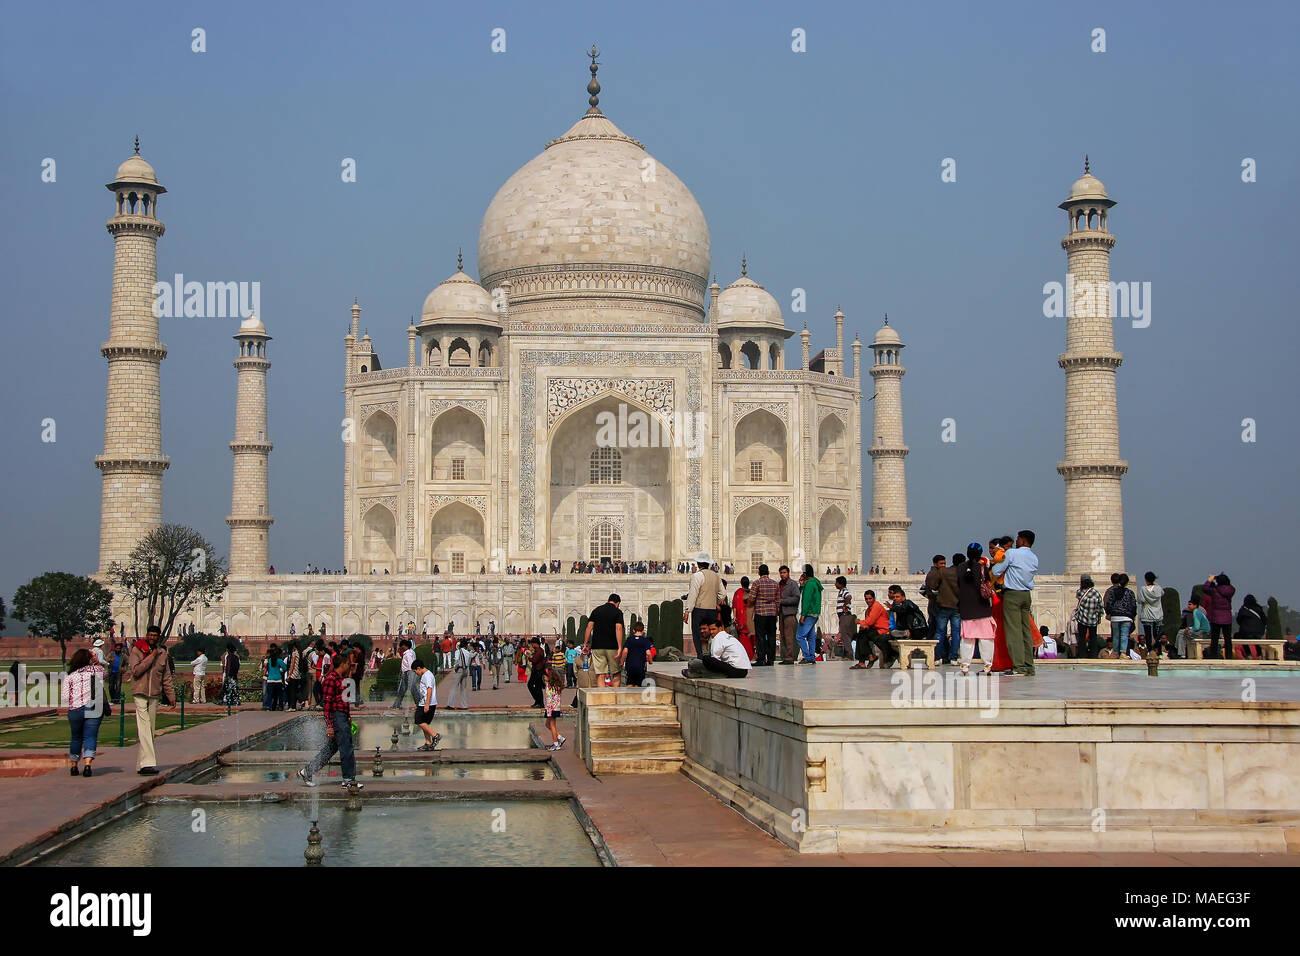 Touristen, Taj Mahal in Agra, Uttar Pradesh, Indien. Taj Mahal wurde als UNESCO-Weltkulturerbe im Jahr 1983 bezeichnet. Stockbild